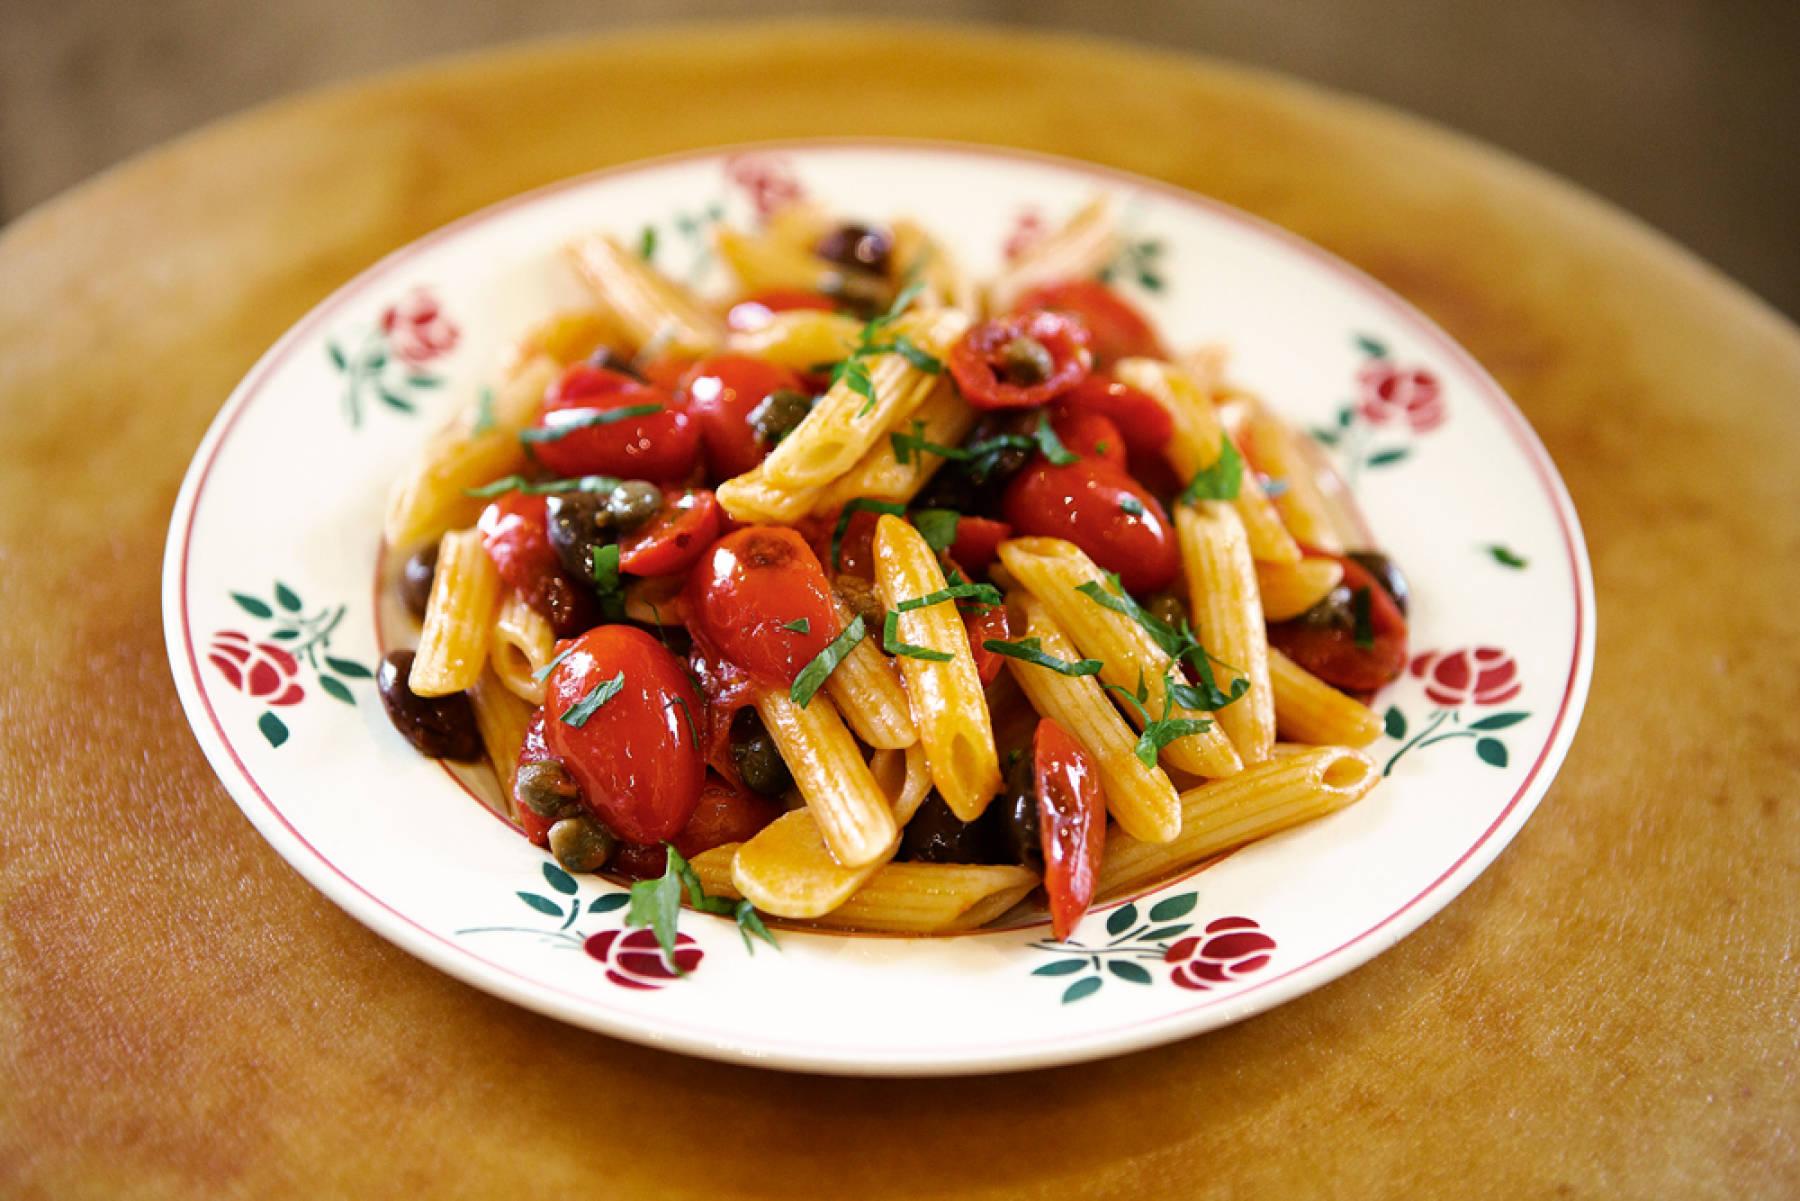 Pasta saporita : la recette facile et rapide d'Alessandra Pierini